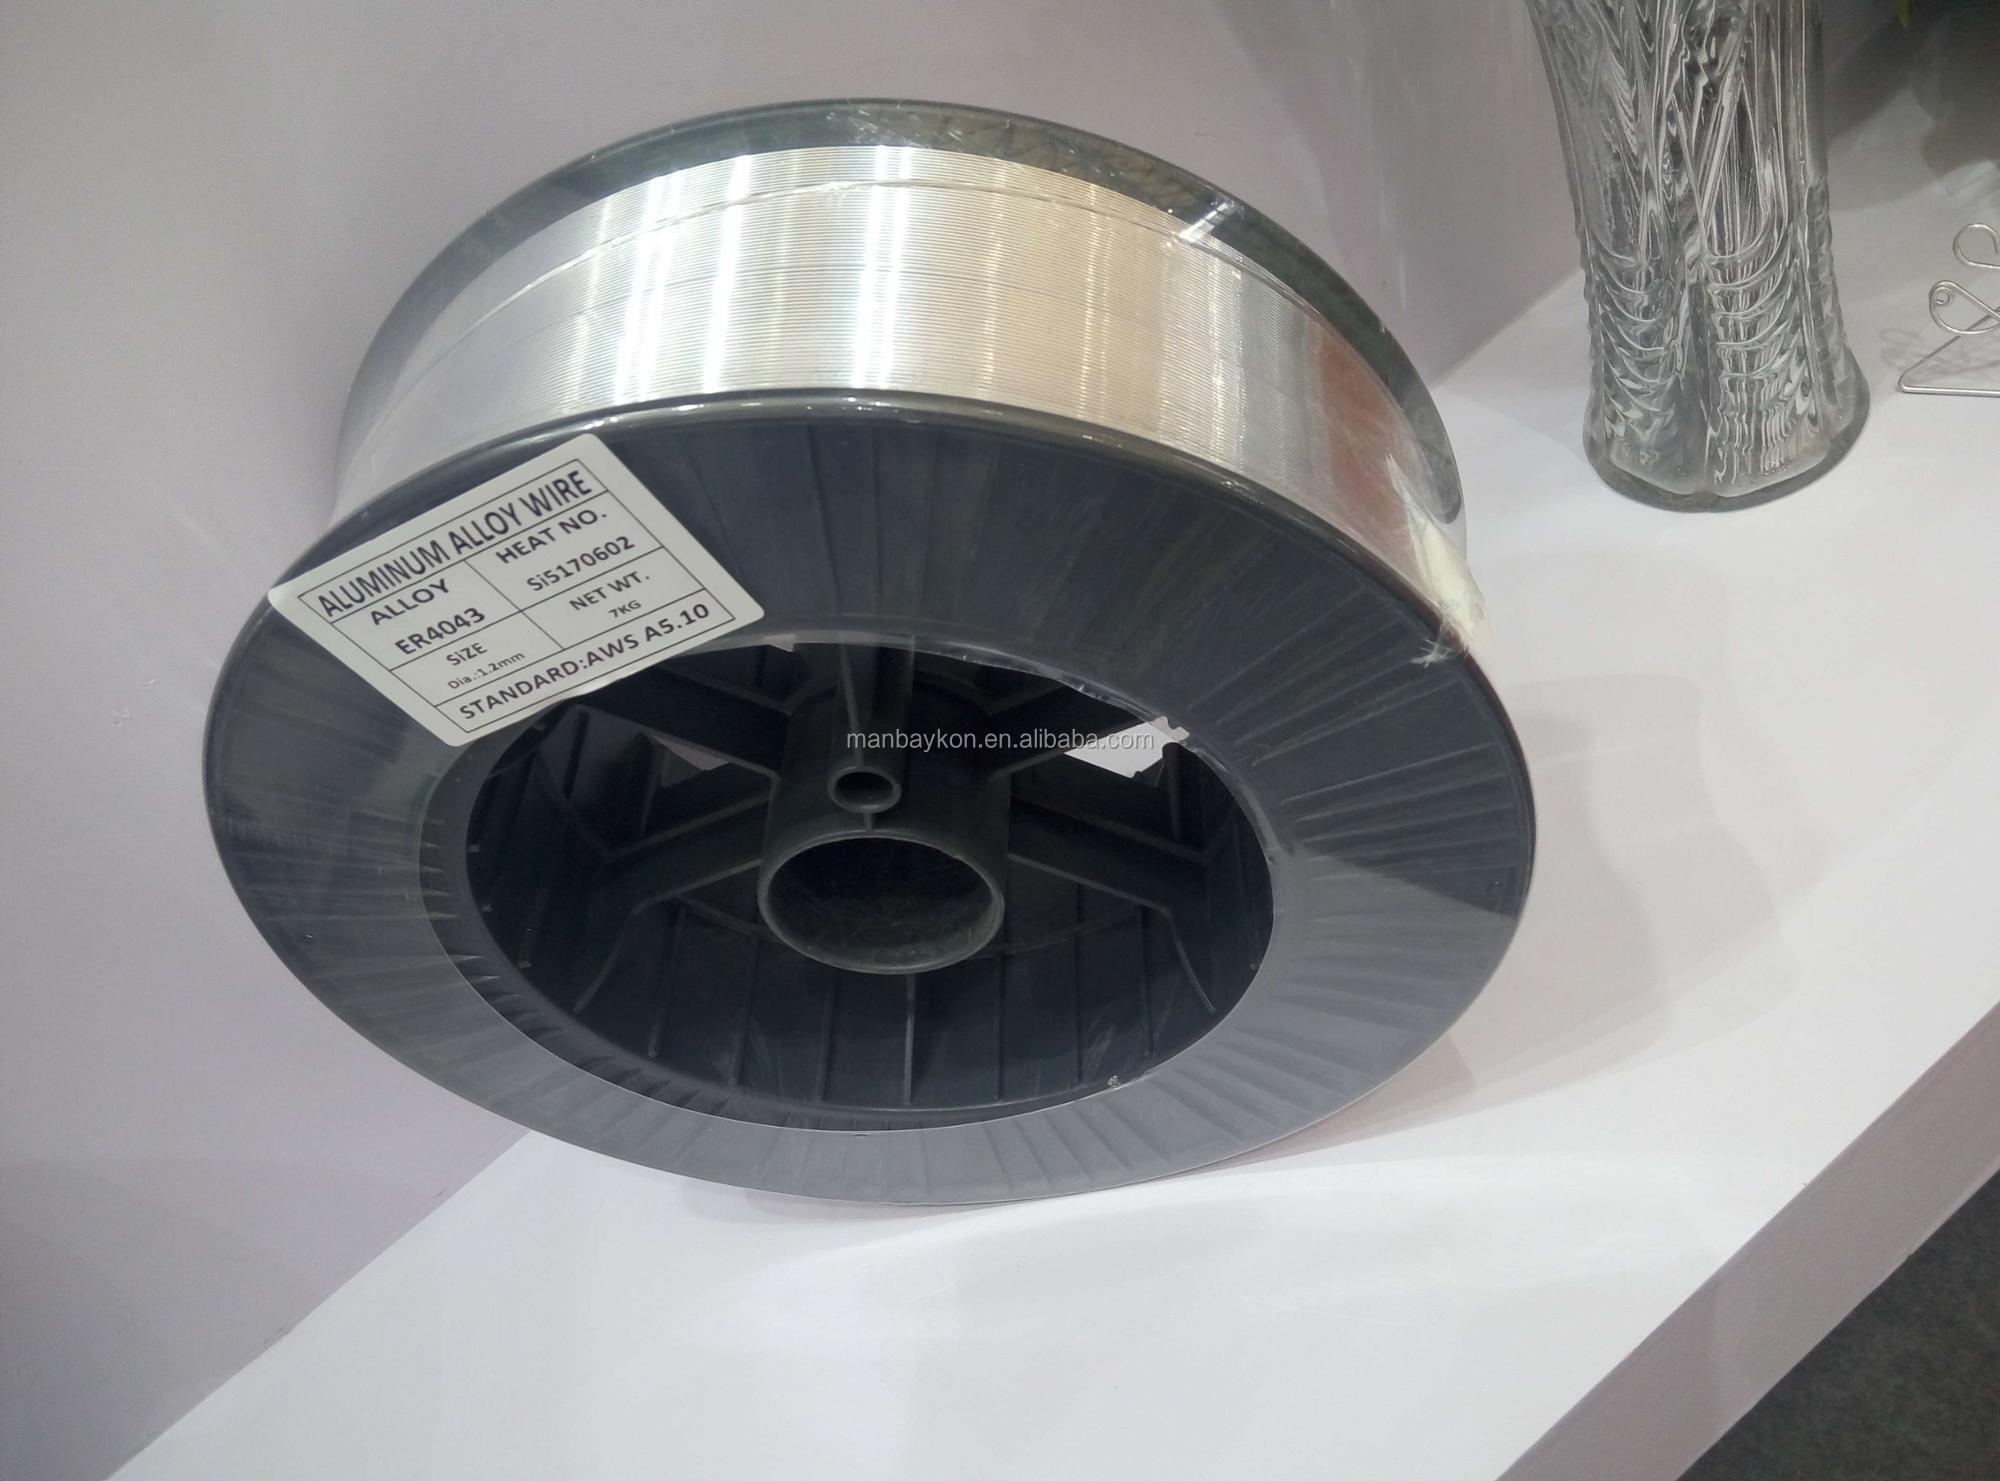 2 x aluminium mig fil de soudage 5356-1.0mm x 0.5kg